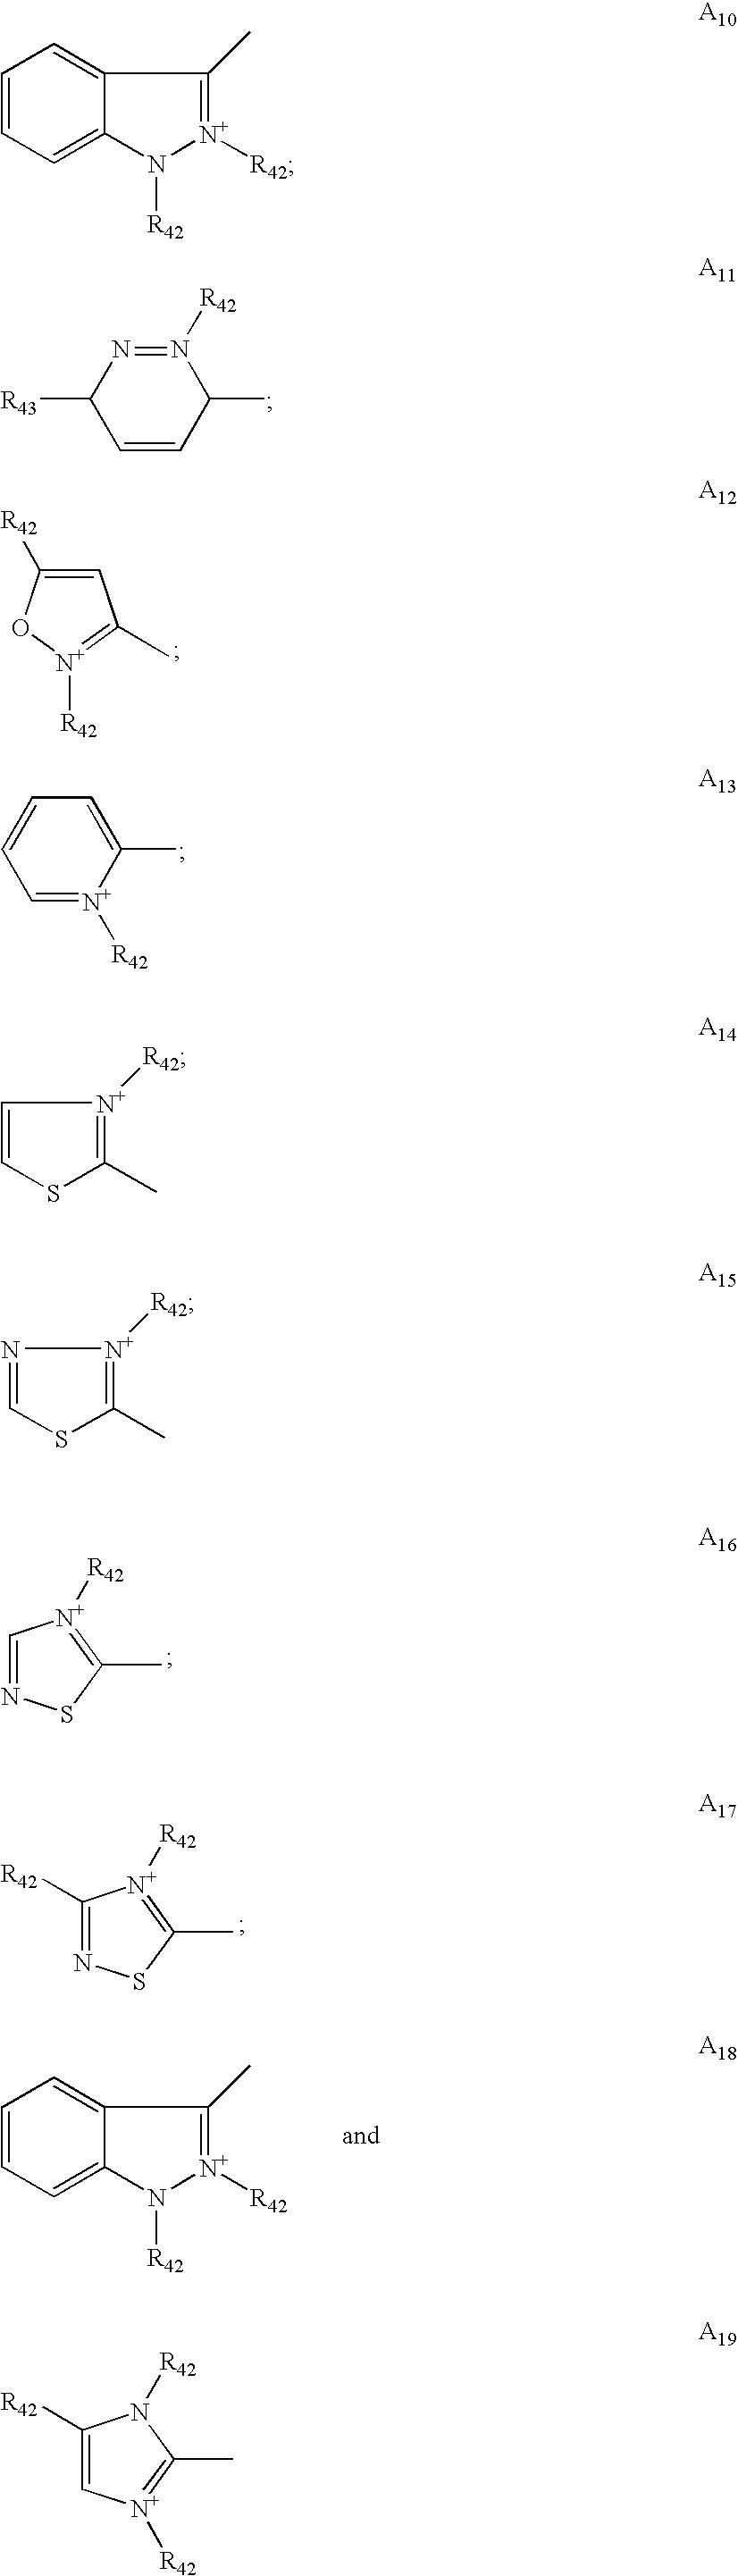 Figure US07582121-20090901-C00035